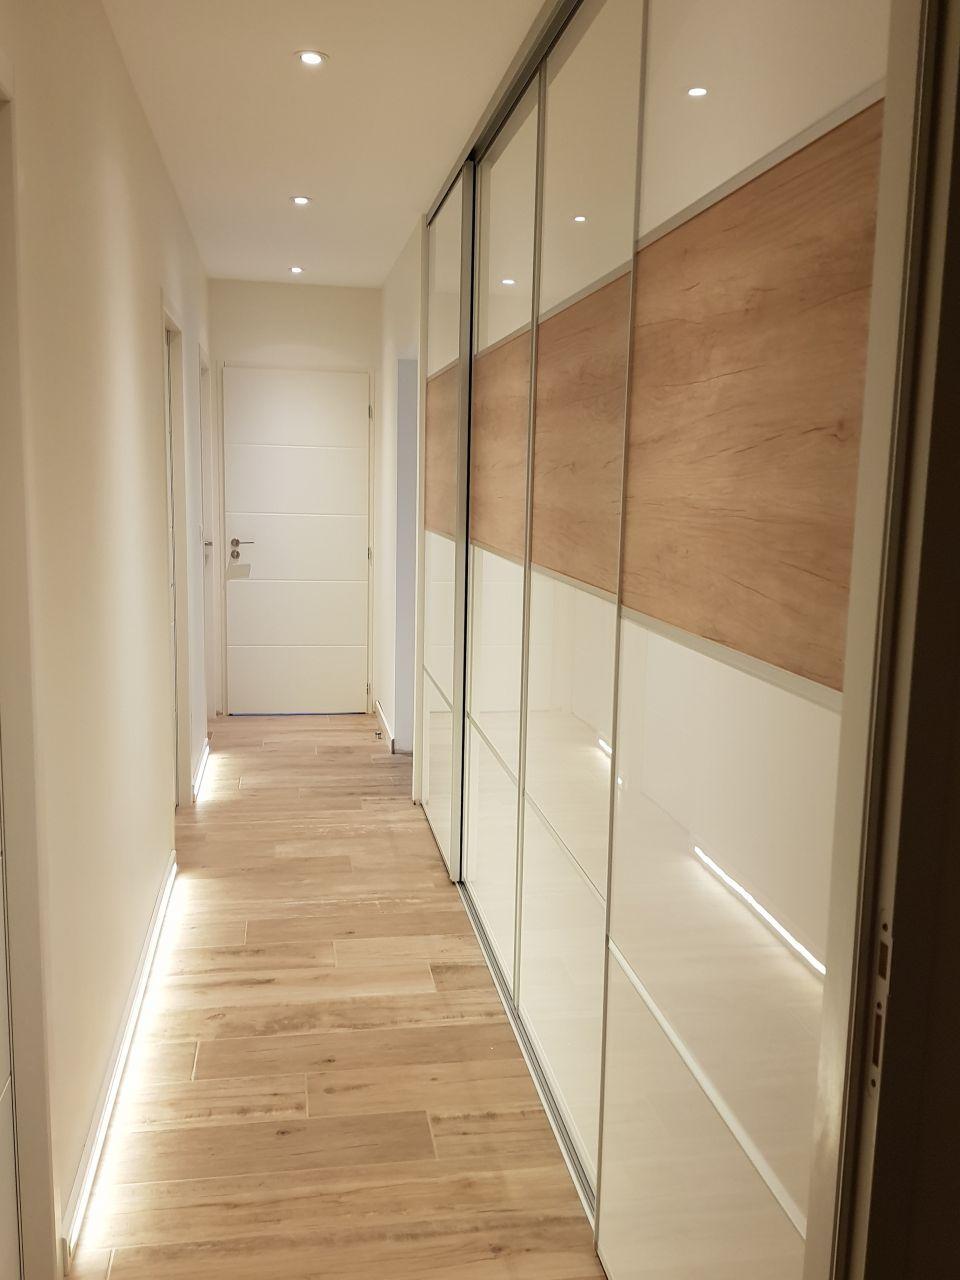 Porte Coulissante Couloir Pose Carrelage Imitation Parquet Carrelage Imitation Parquet Idees Pour La Maison